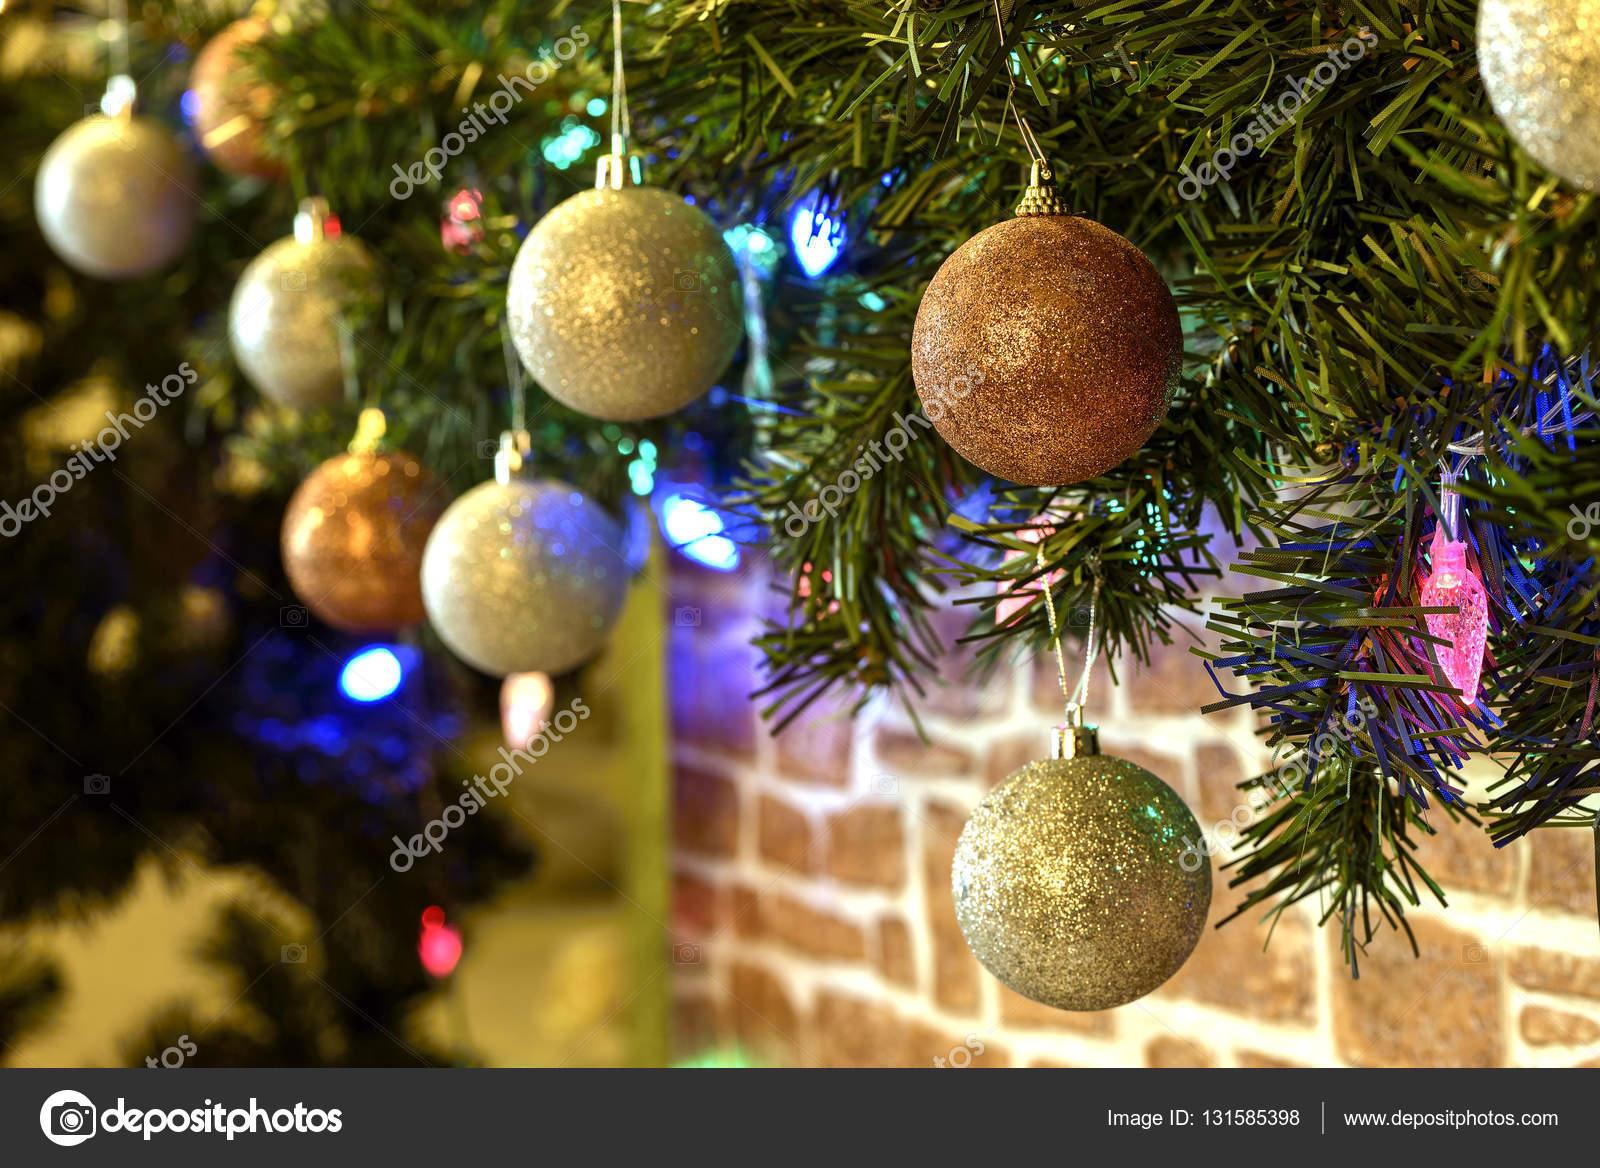 Weihnachtsbaum Girlande.Auf Einen Weihnachtsbaum Girlande Stockfoto Pavel72 131585398